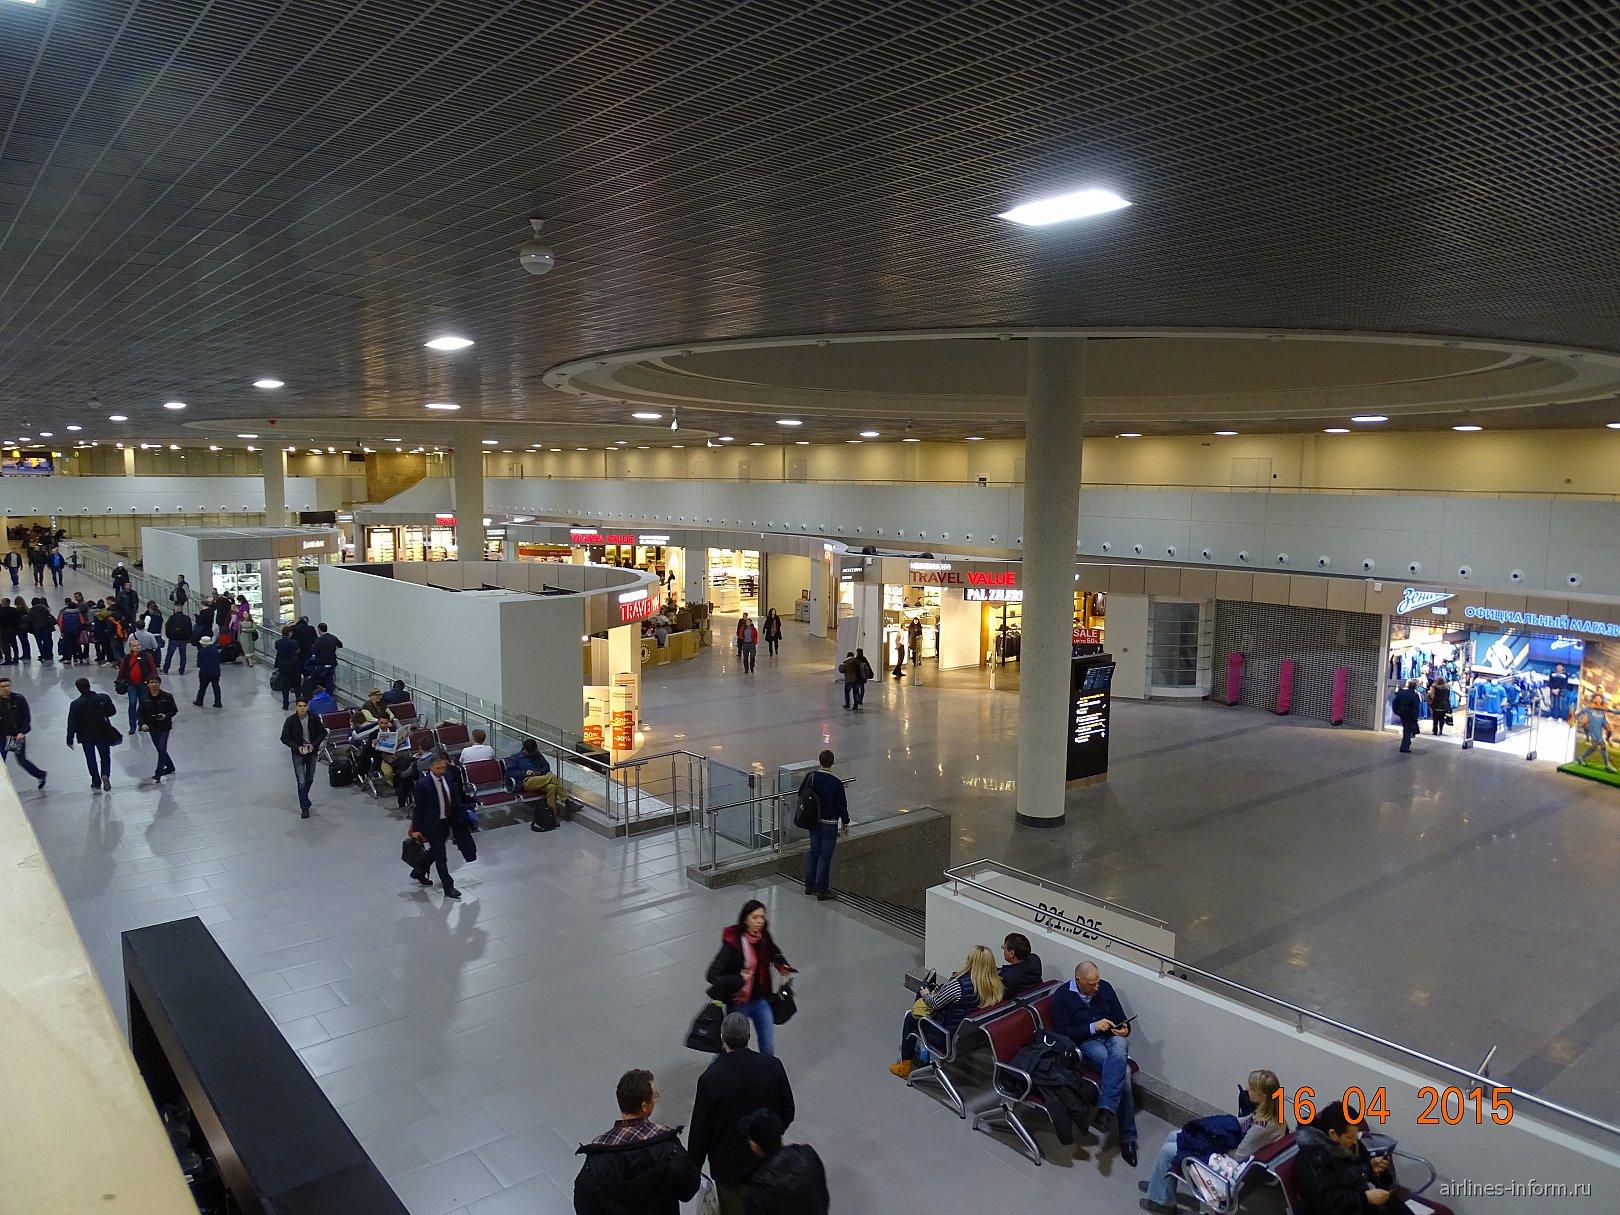 Обновленный аэровокзал Пулково-1. Сейчас сектор D пассажирского терминала.